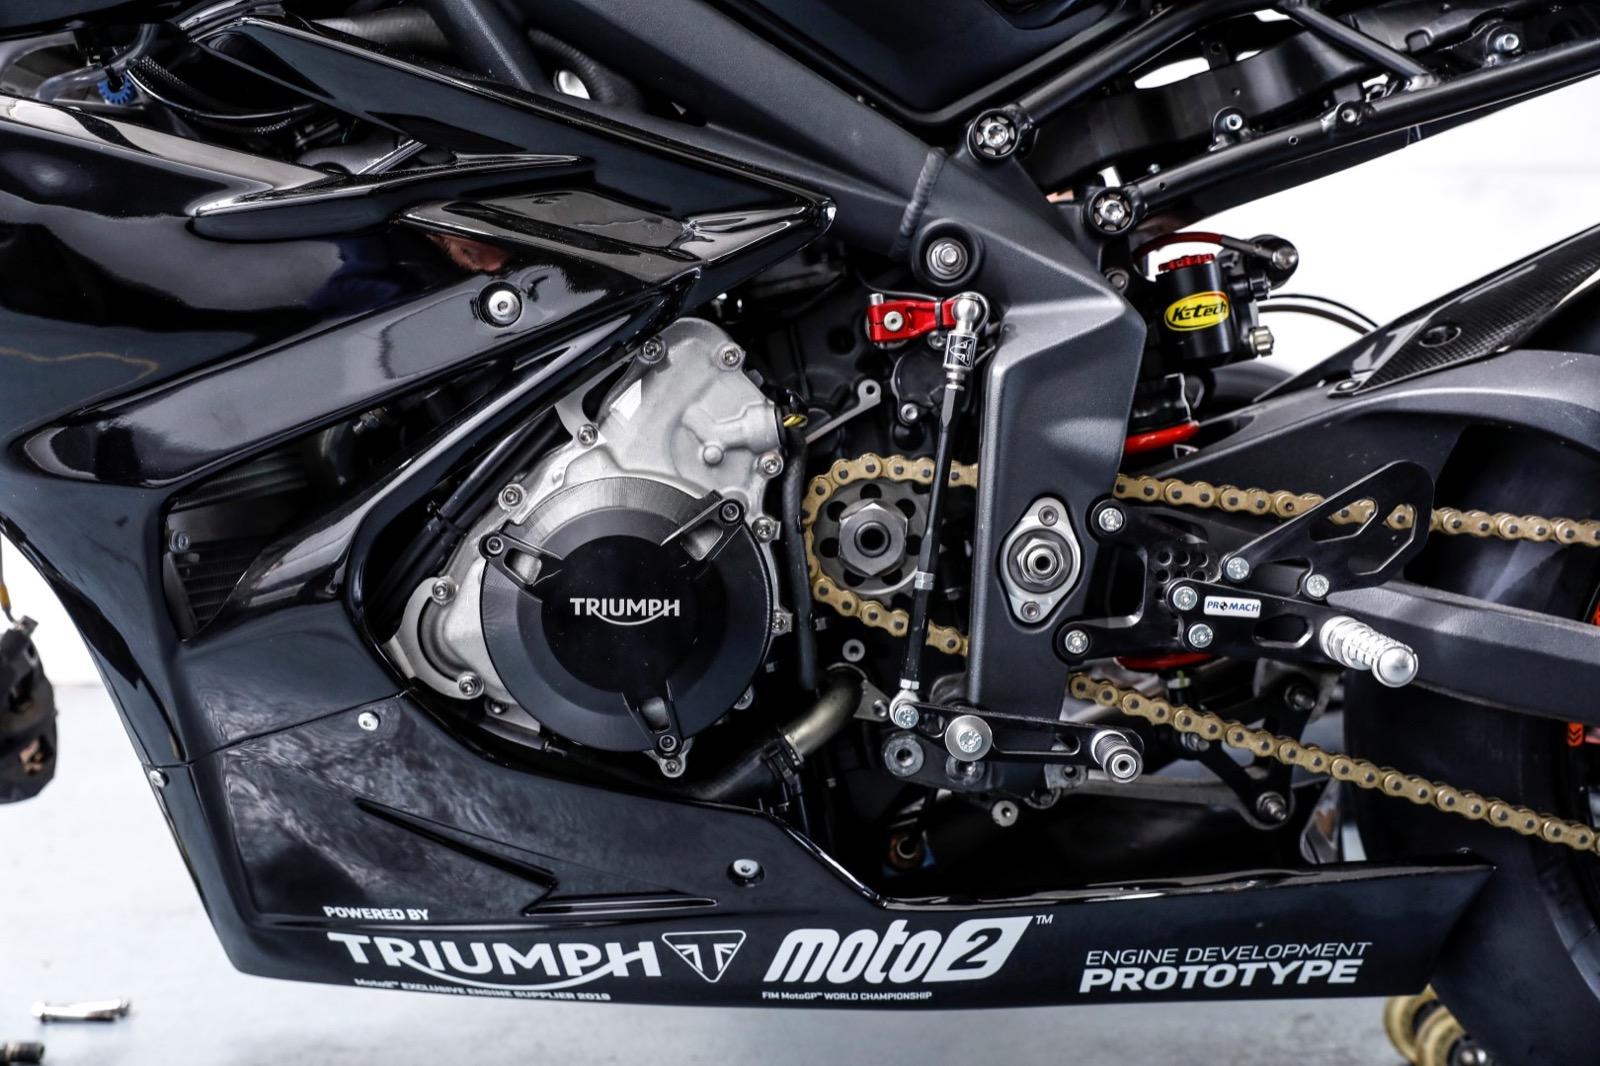 Triumph Moto2, prueba en exclusiva